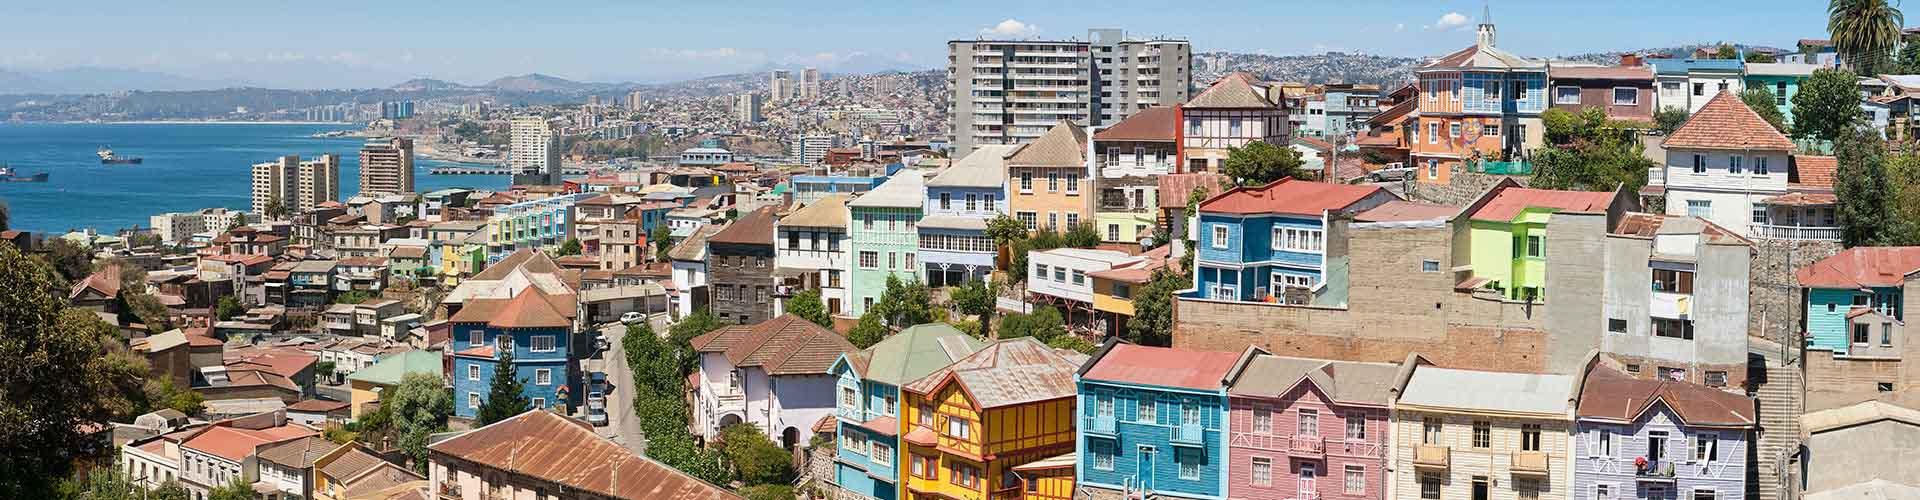 Valparaiso – Hostels em Valparaiso. Mapas para Valparaiso, Fotos e Avaliações para cada Hostels em Valparaiso.